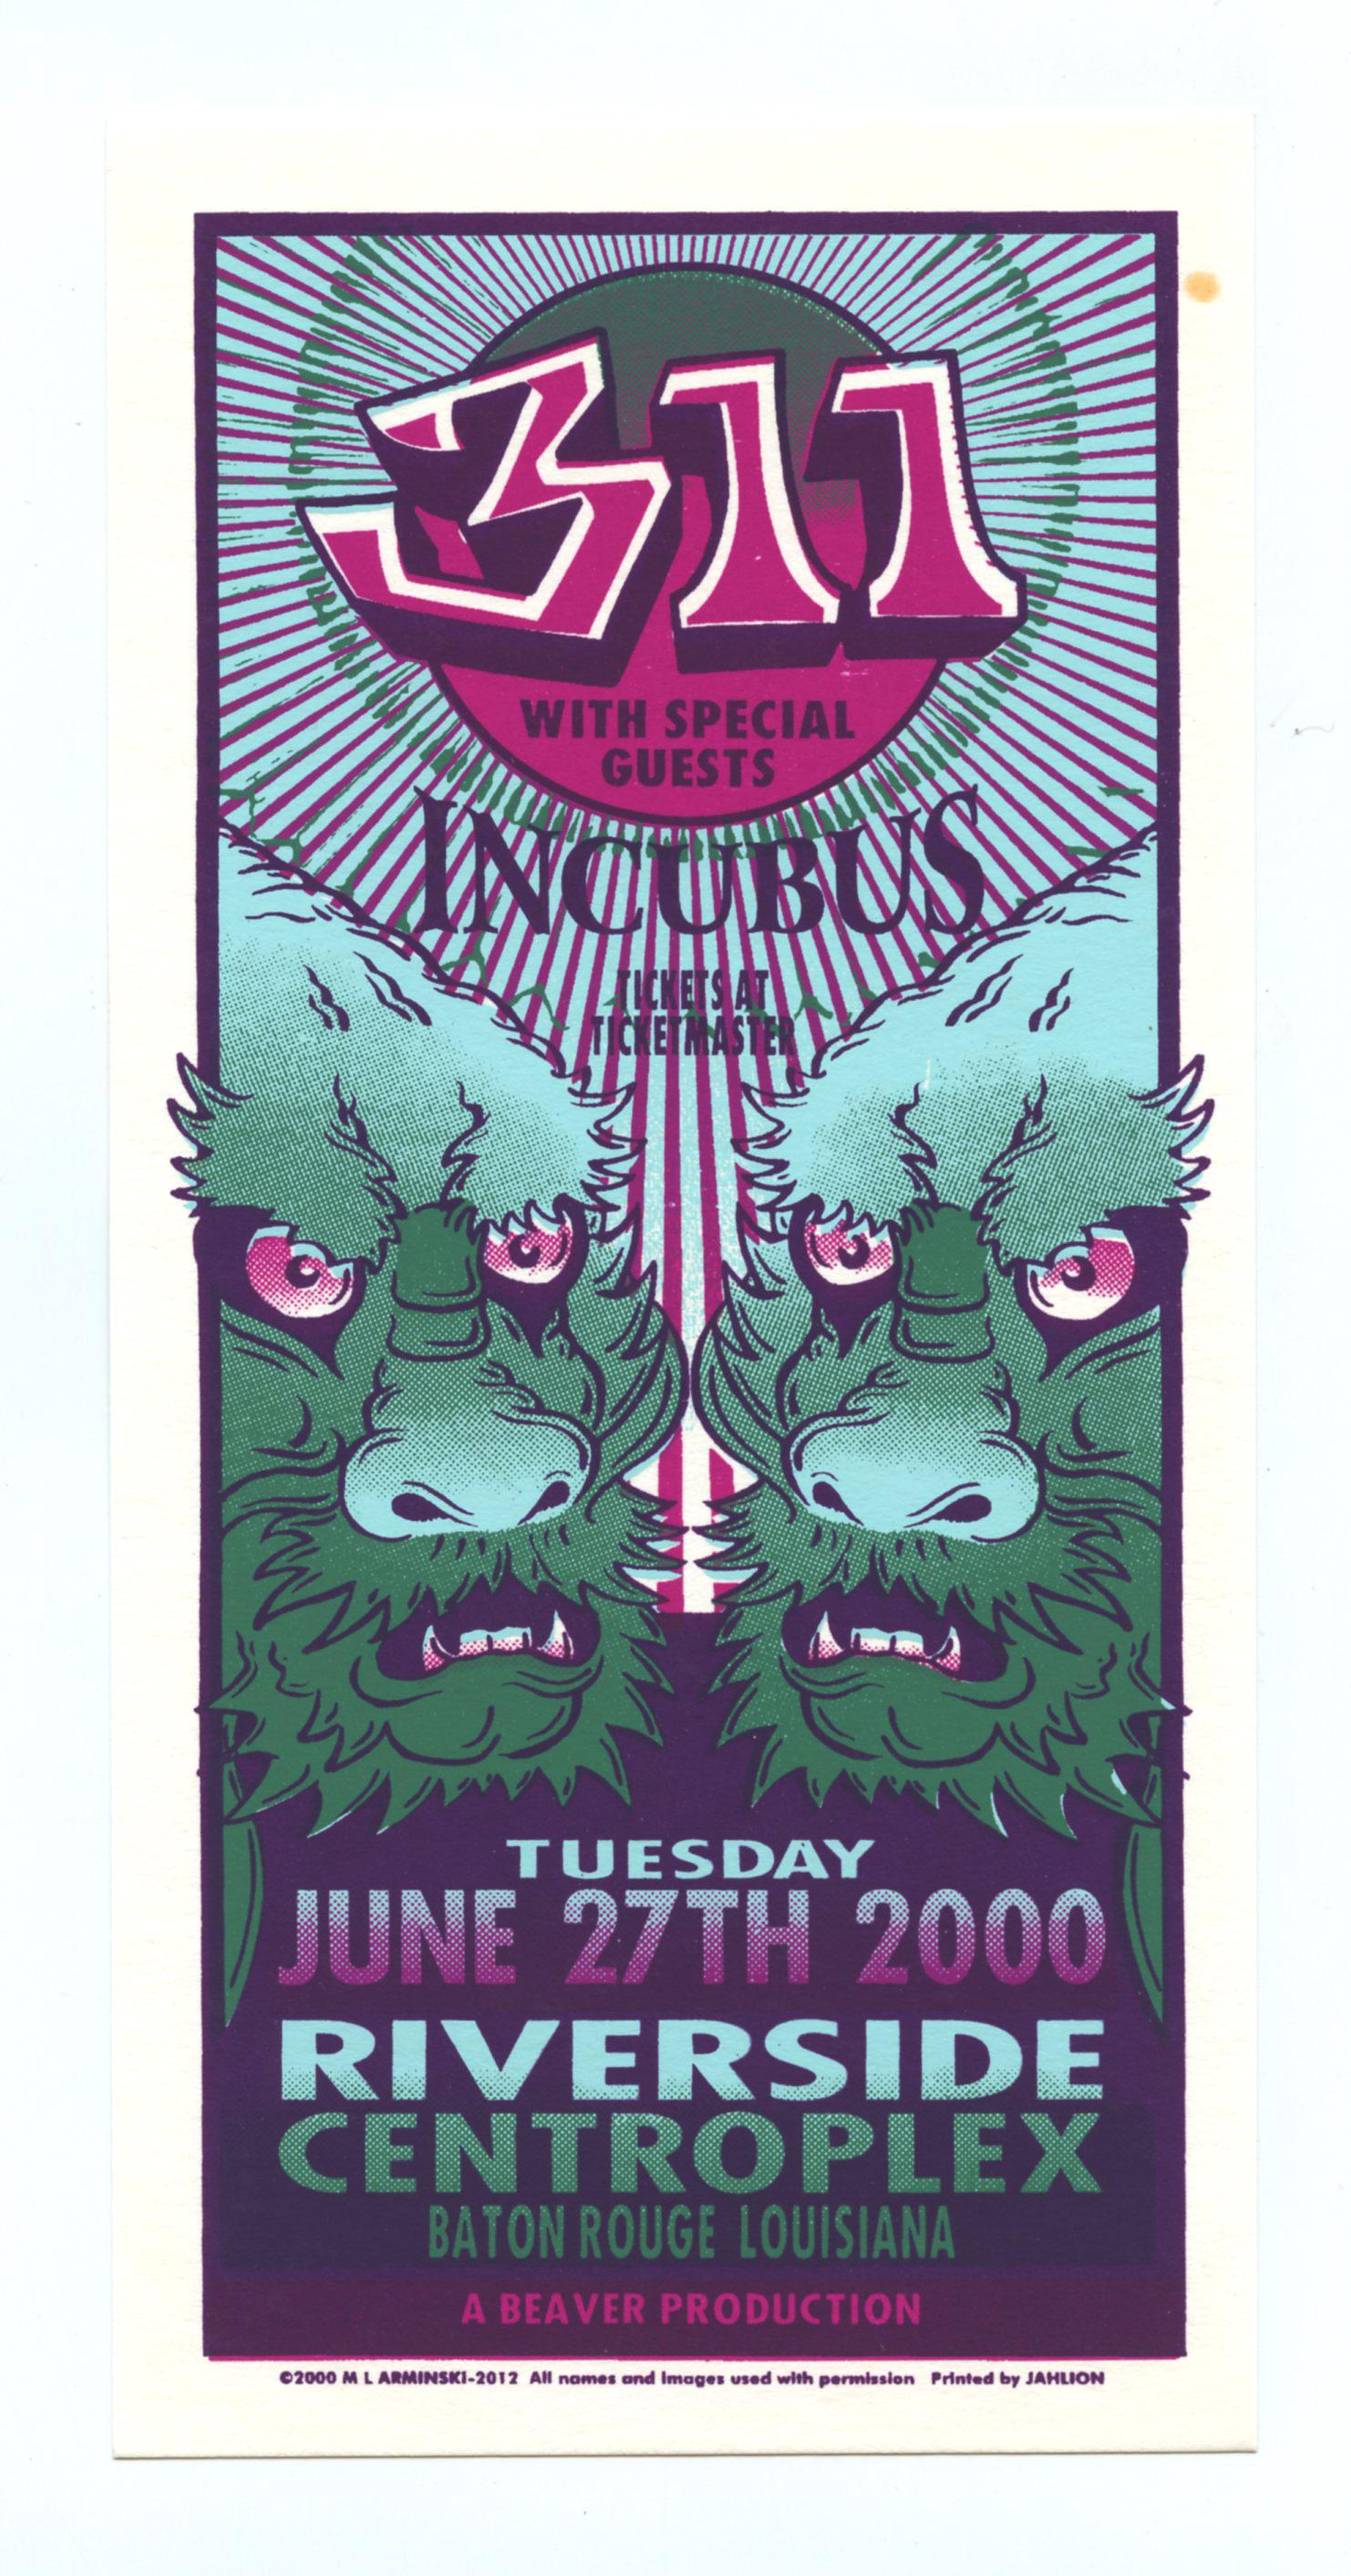 311 Handbill 2000 Jun 27 Riverside Centroplex Baton Rouge